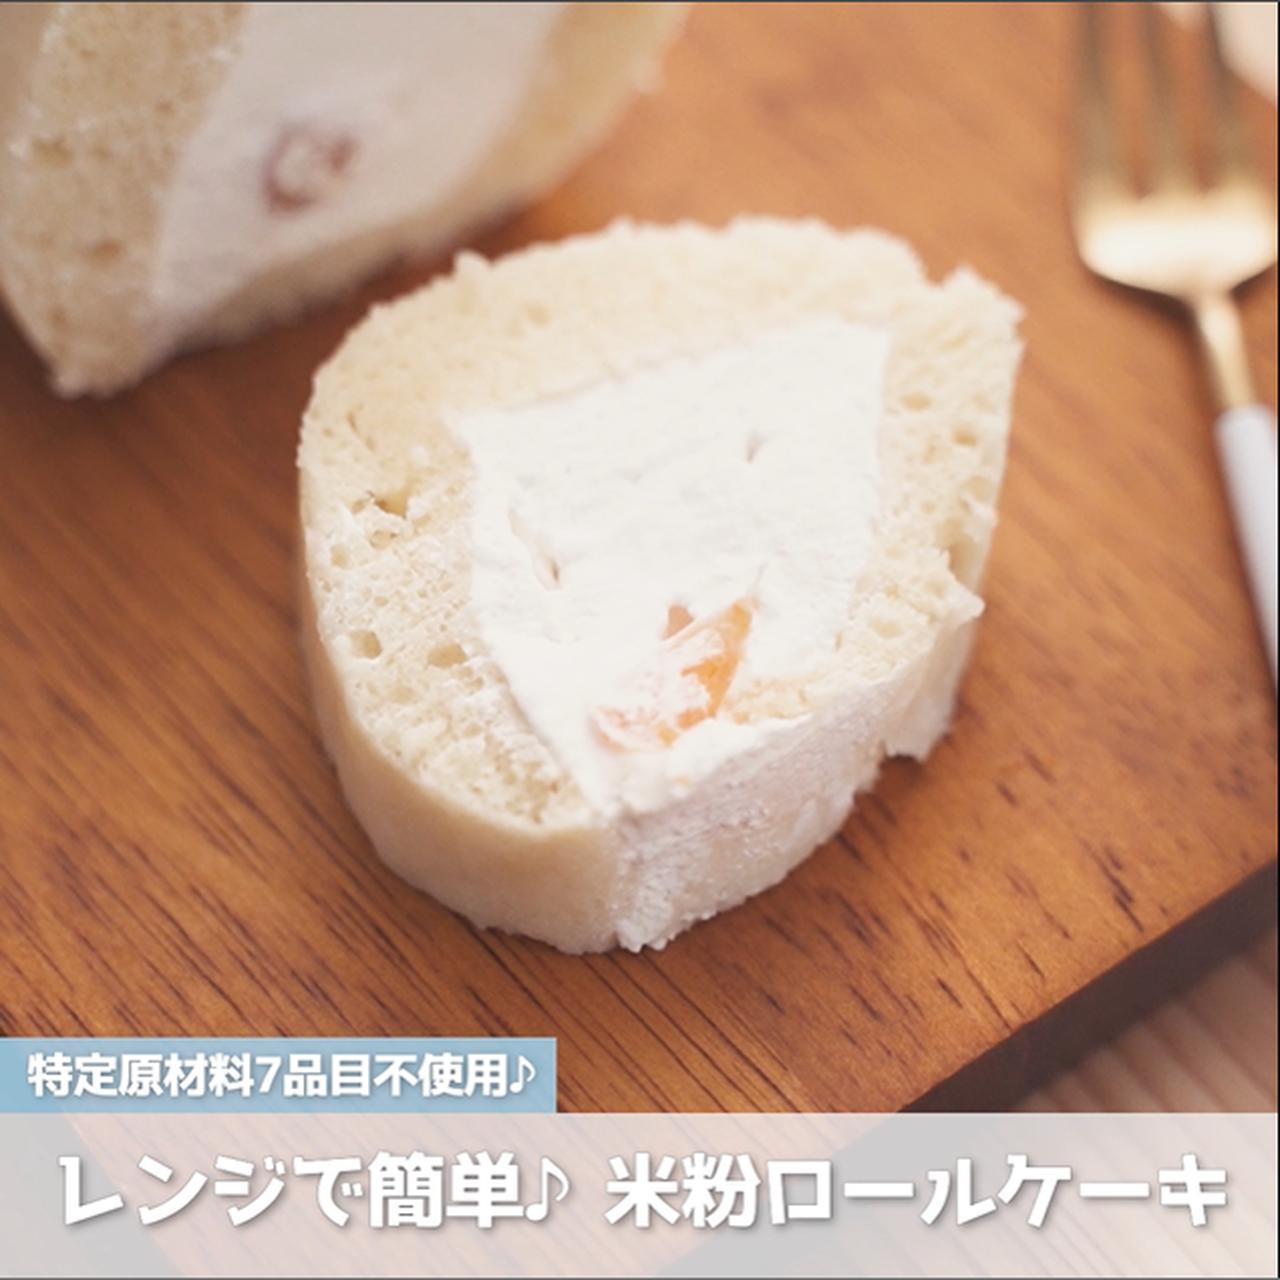 画像: レンジで簡単に作れる米粉ロールケーキ - 君とごはん